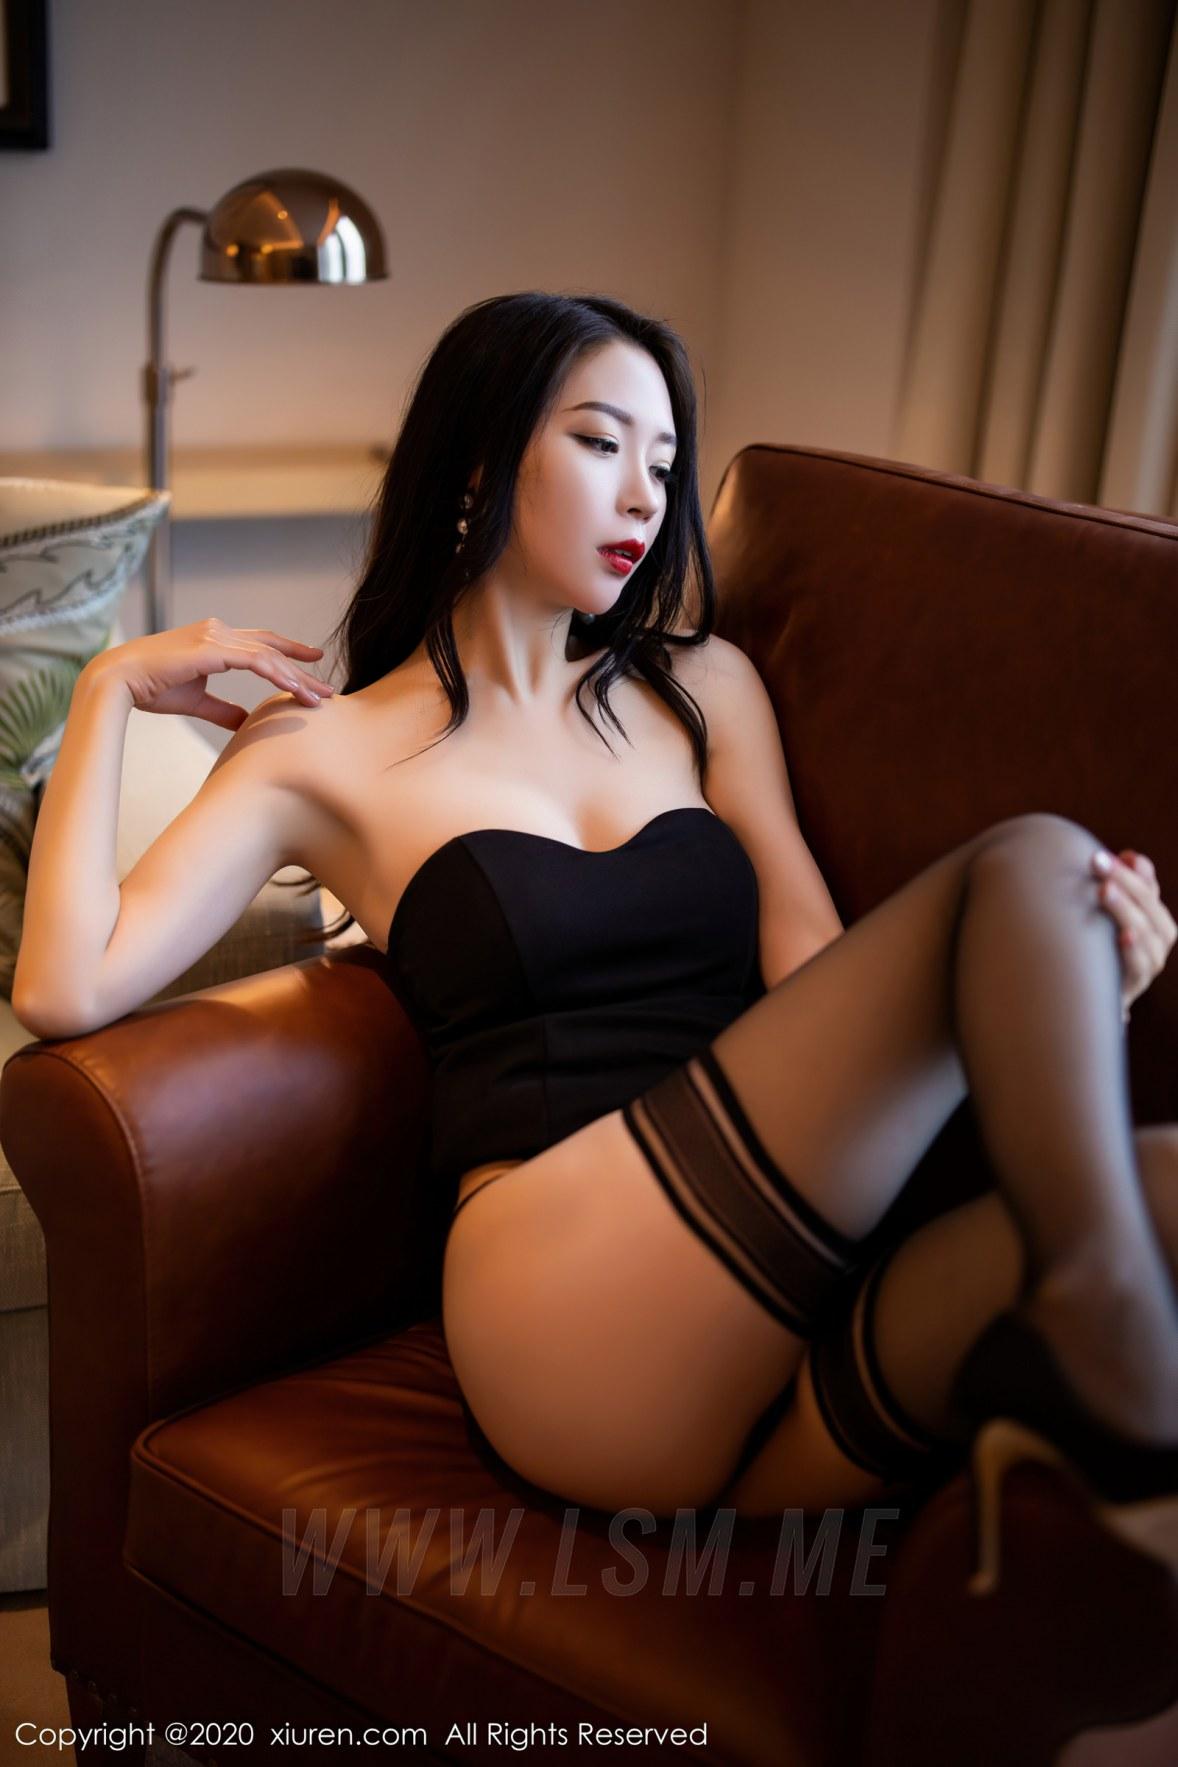 2535 045 j1a 3600 5400 - XiuRen 秀人 No.2535  黑丝魅惑抹胸 梦心月 - 秀人网 -【免费在线写真】【丽人丝语】